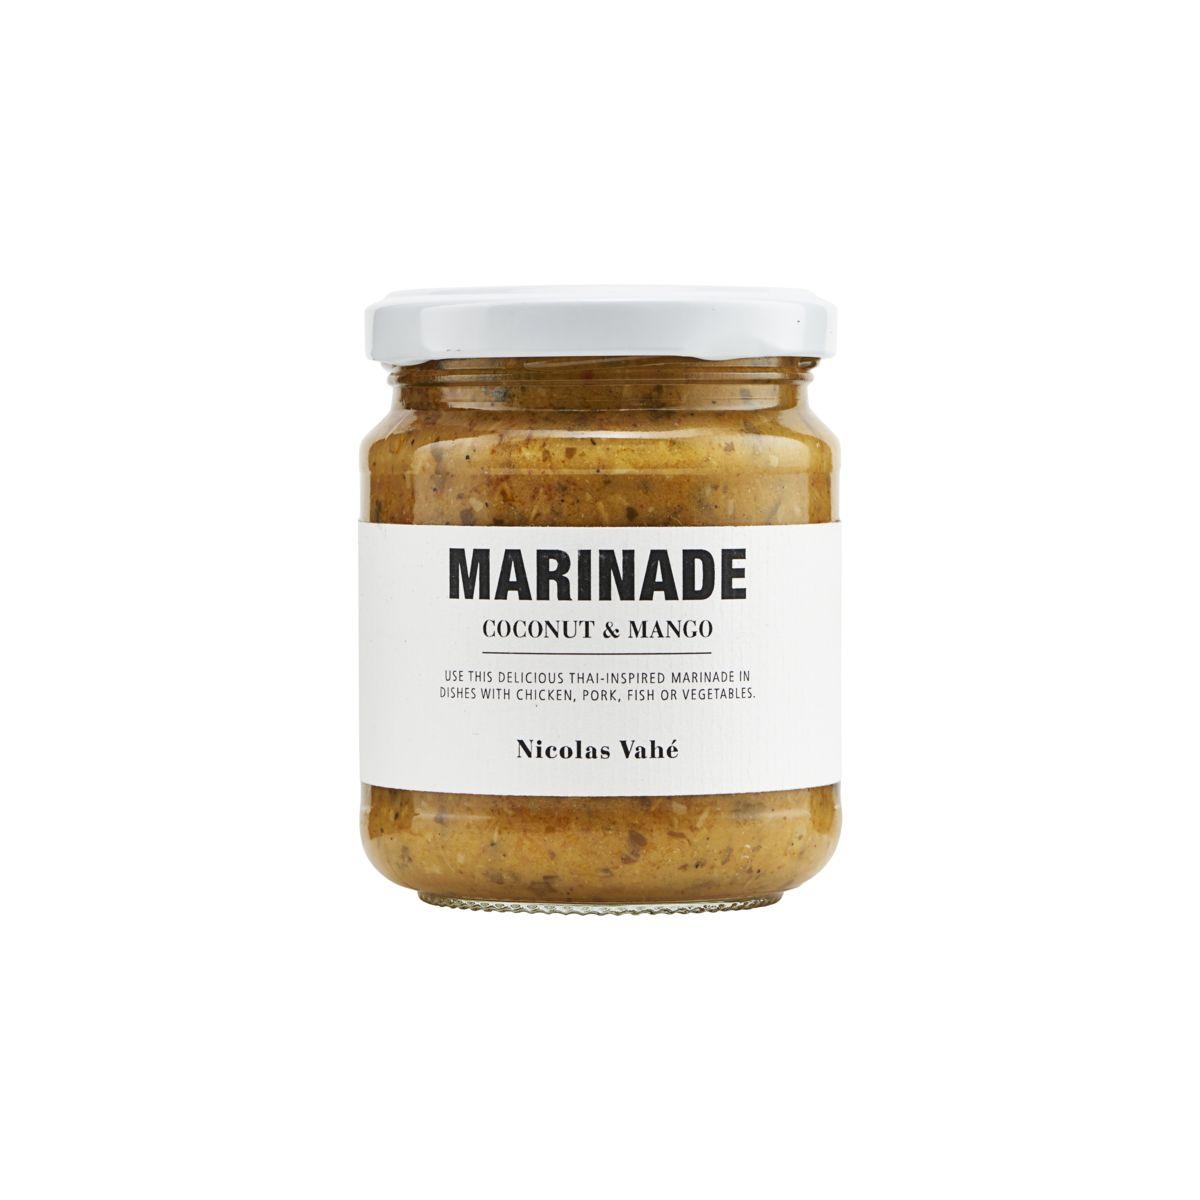 Maridado de coco y mango - Nicolas Vahe - regalo foodie - ideas cocina - Liderlamp (1)